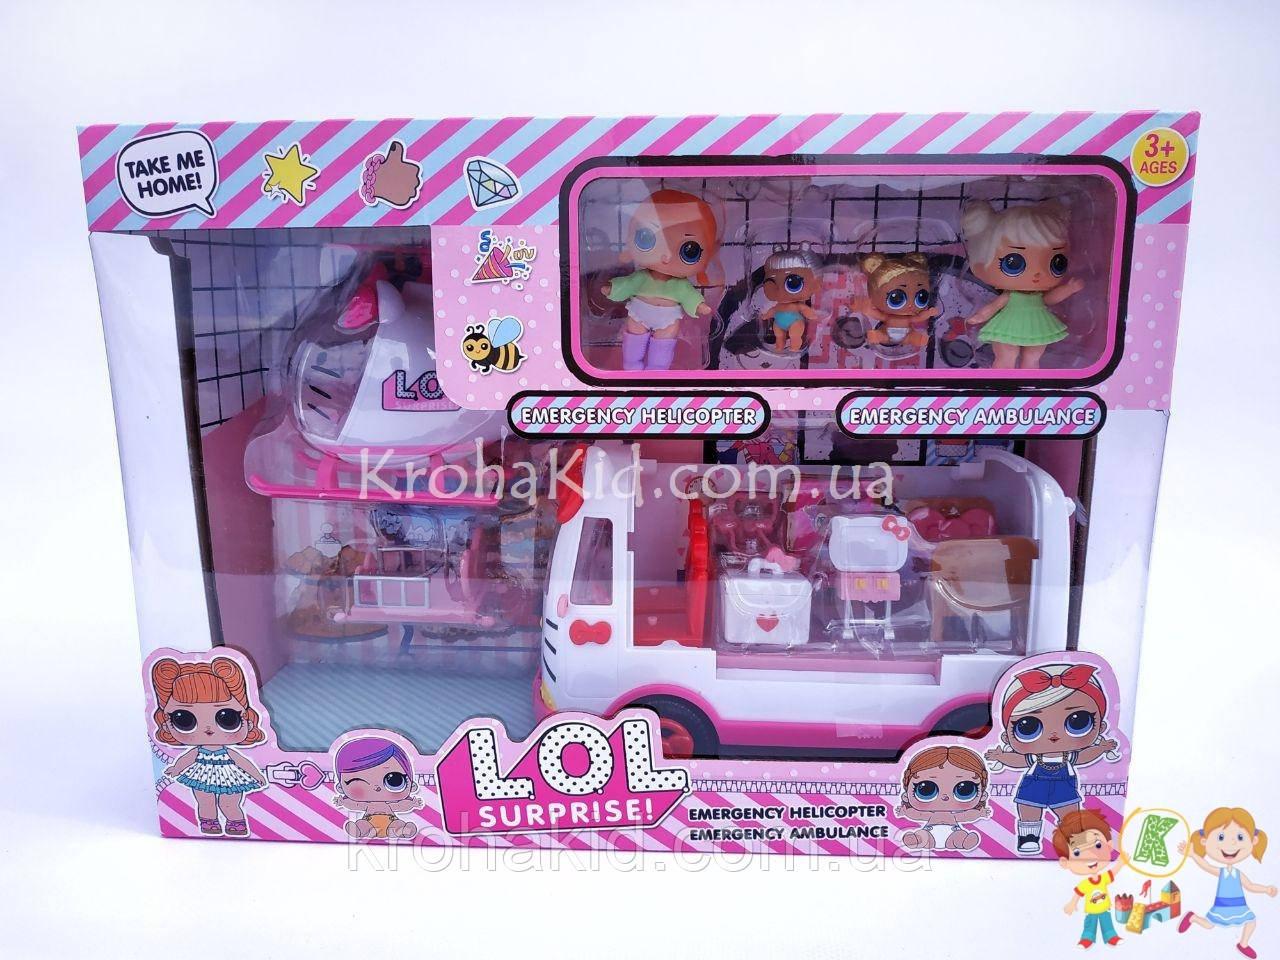 Игровой набор LOL машина скорая помощь Hello Kitty /  Кити и вертолет с куколками Лол К 5621 -  аналог